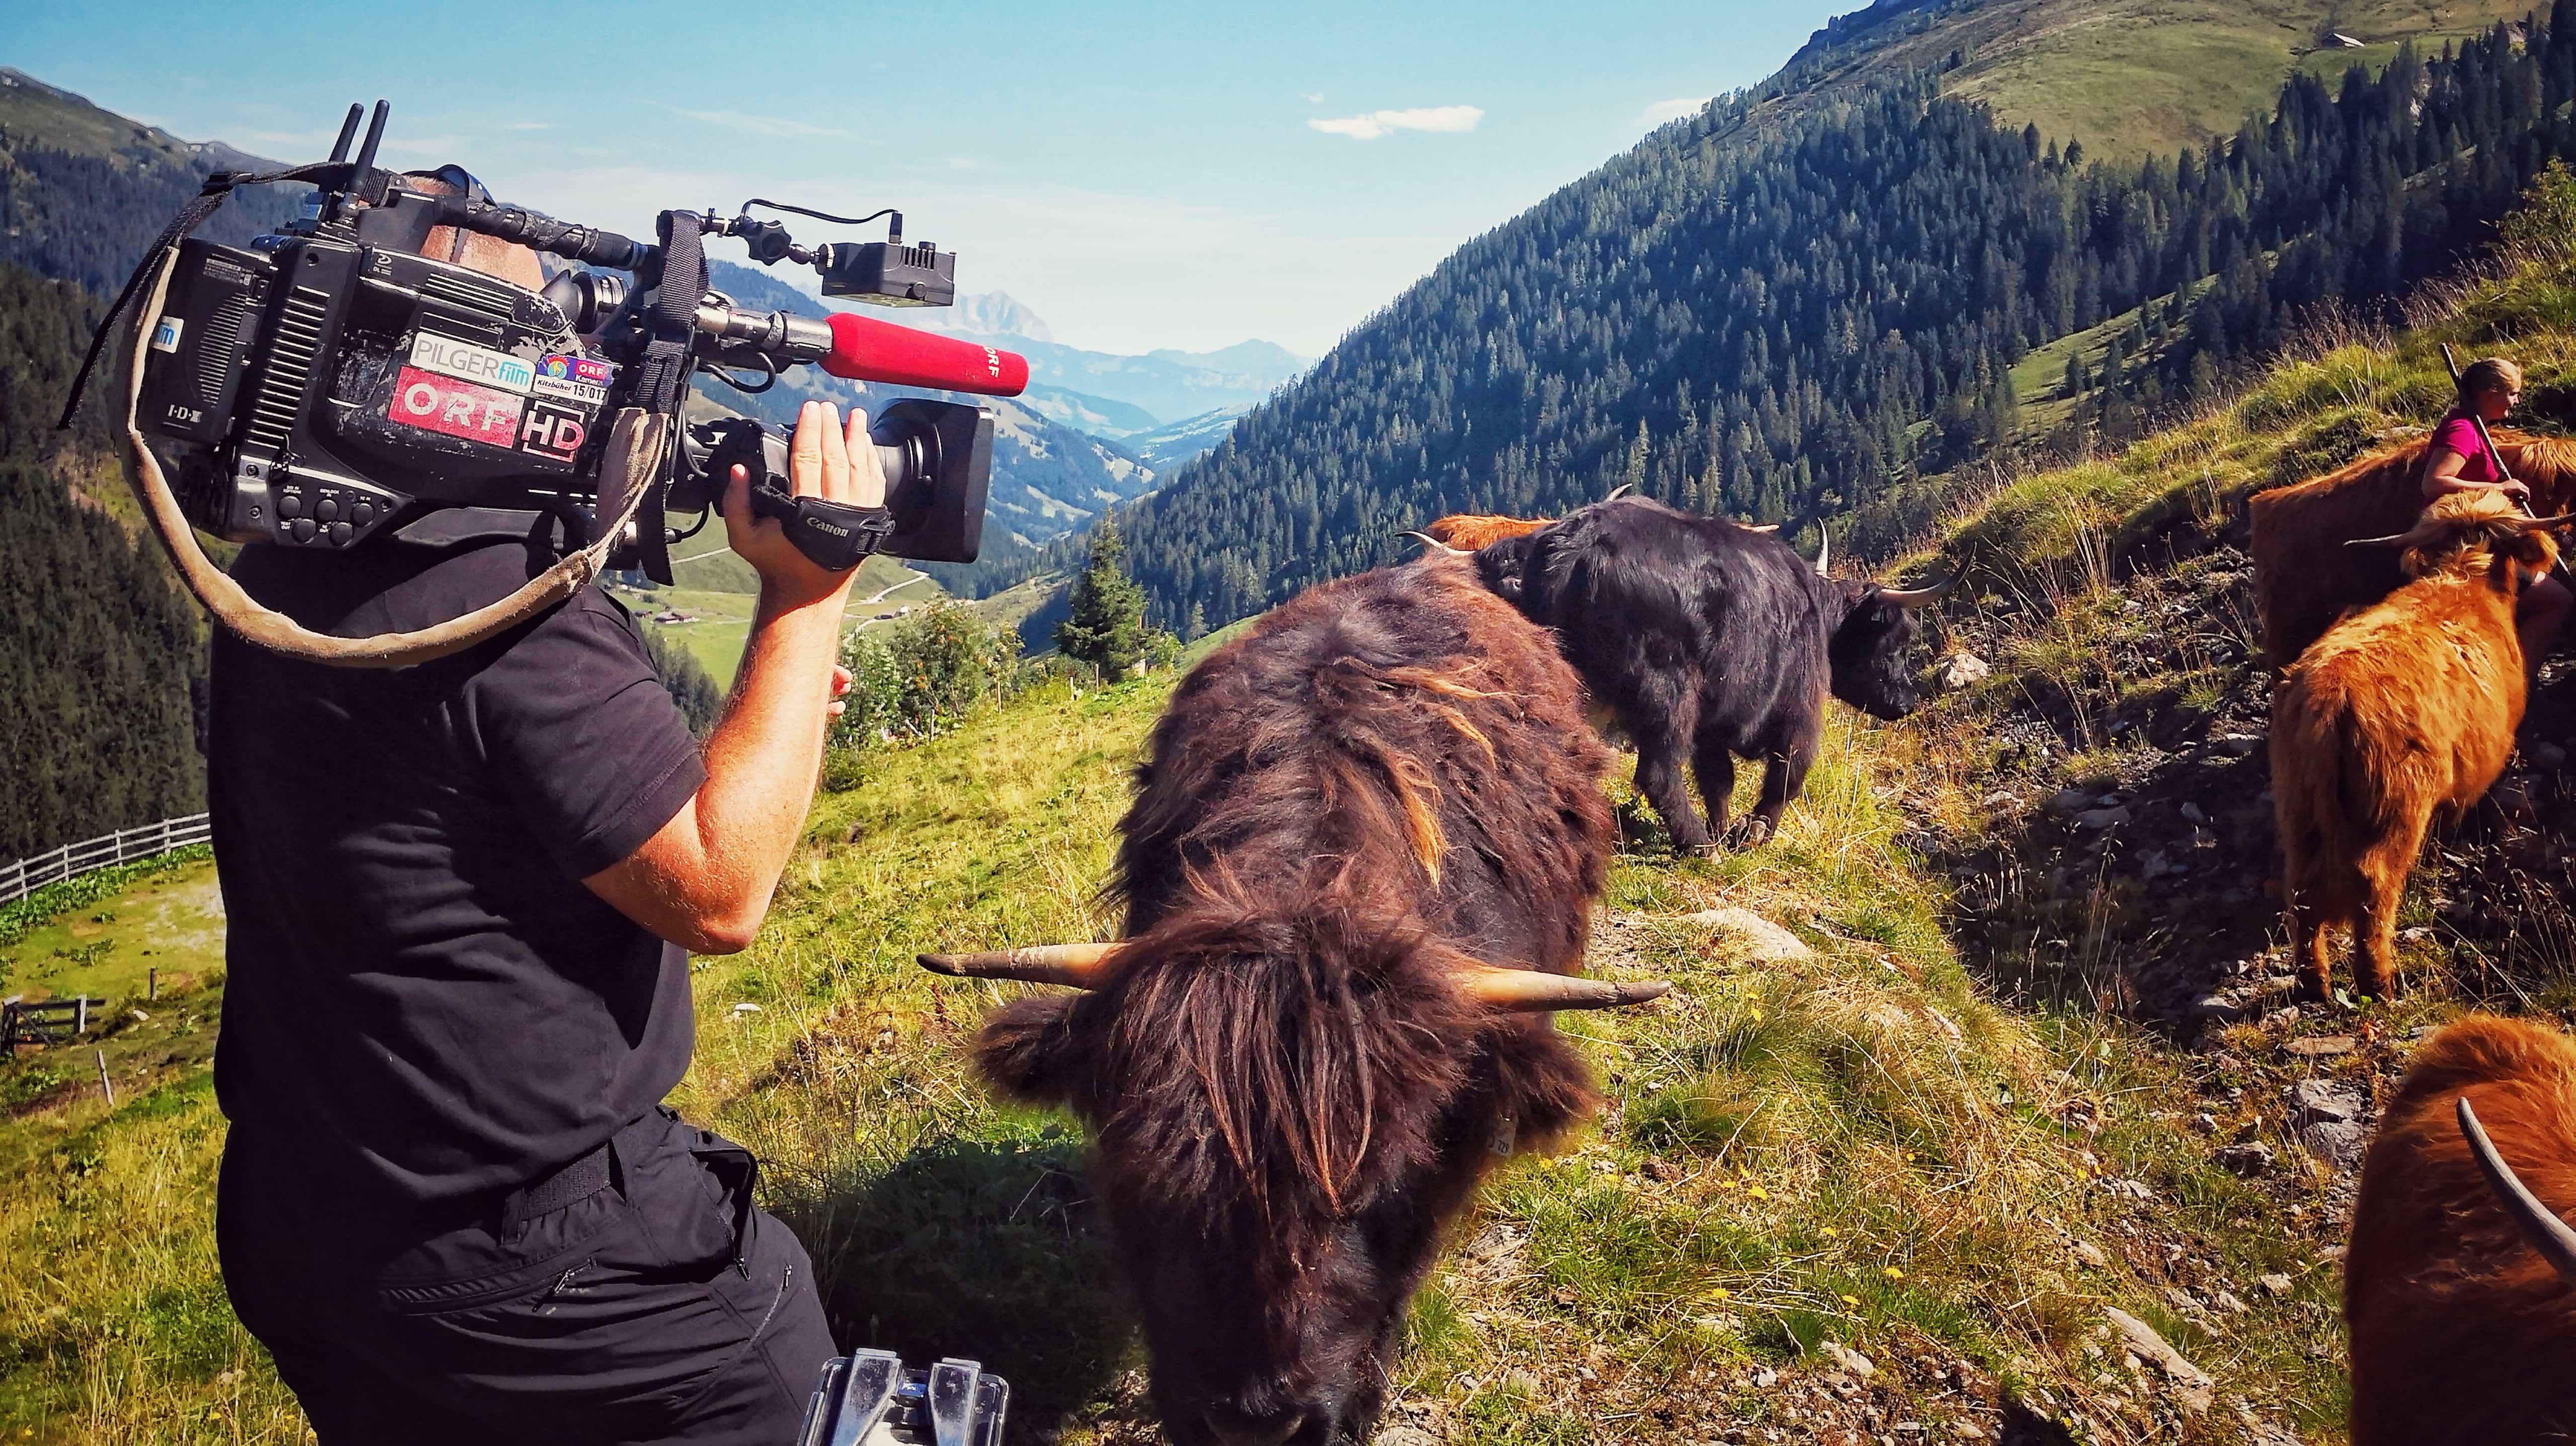 Drehbilder August – ORF, Sky Fussball Live, ServusTv